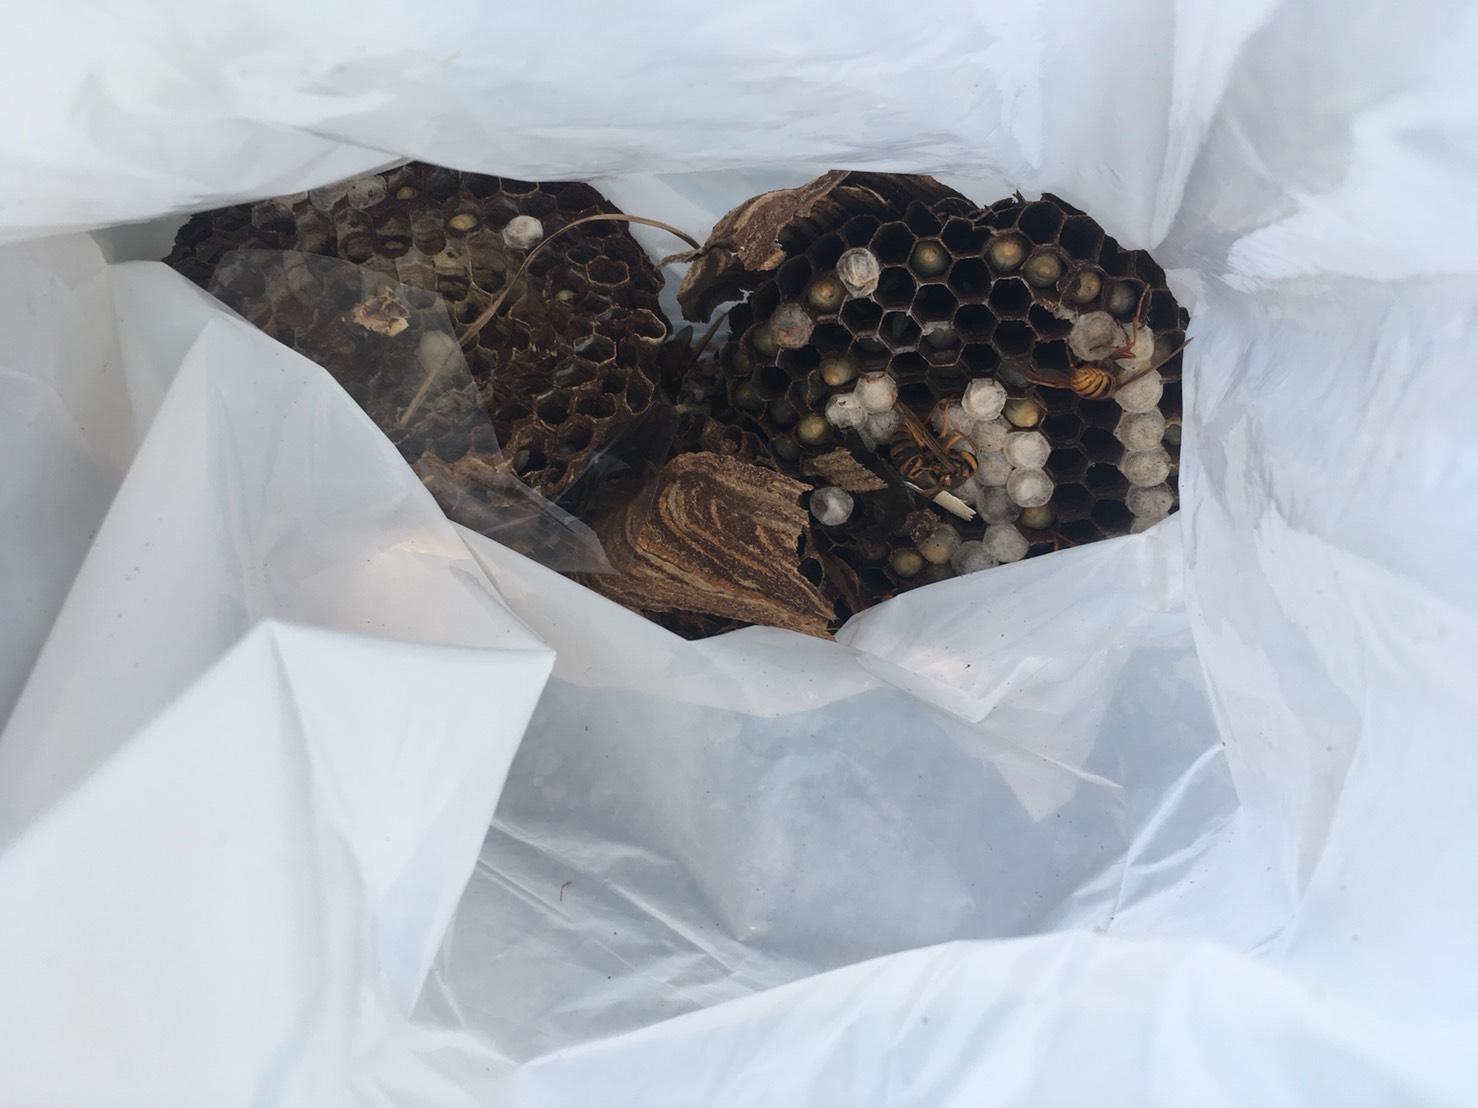 【千葉県柏市増尾】7月31日、スズメバチの蜂の巣駆除依頼がありました【場所:屋根のすき間】